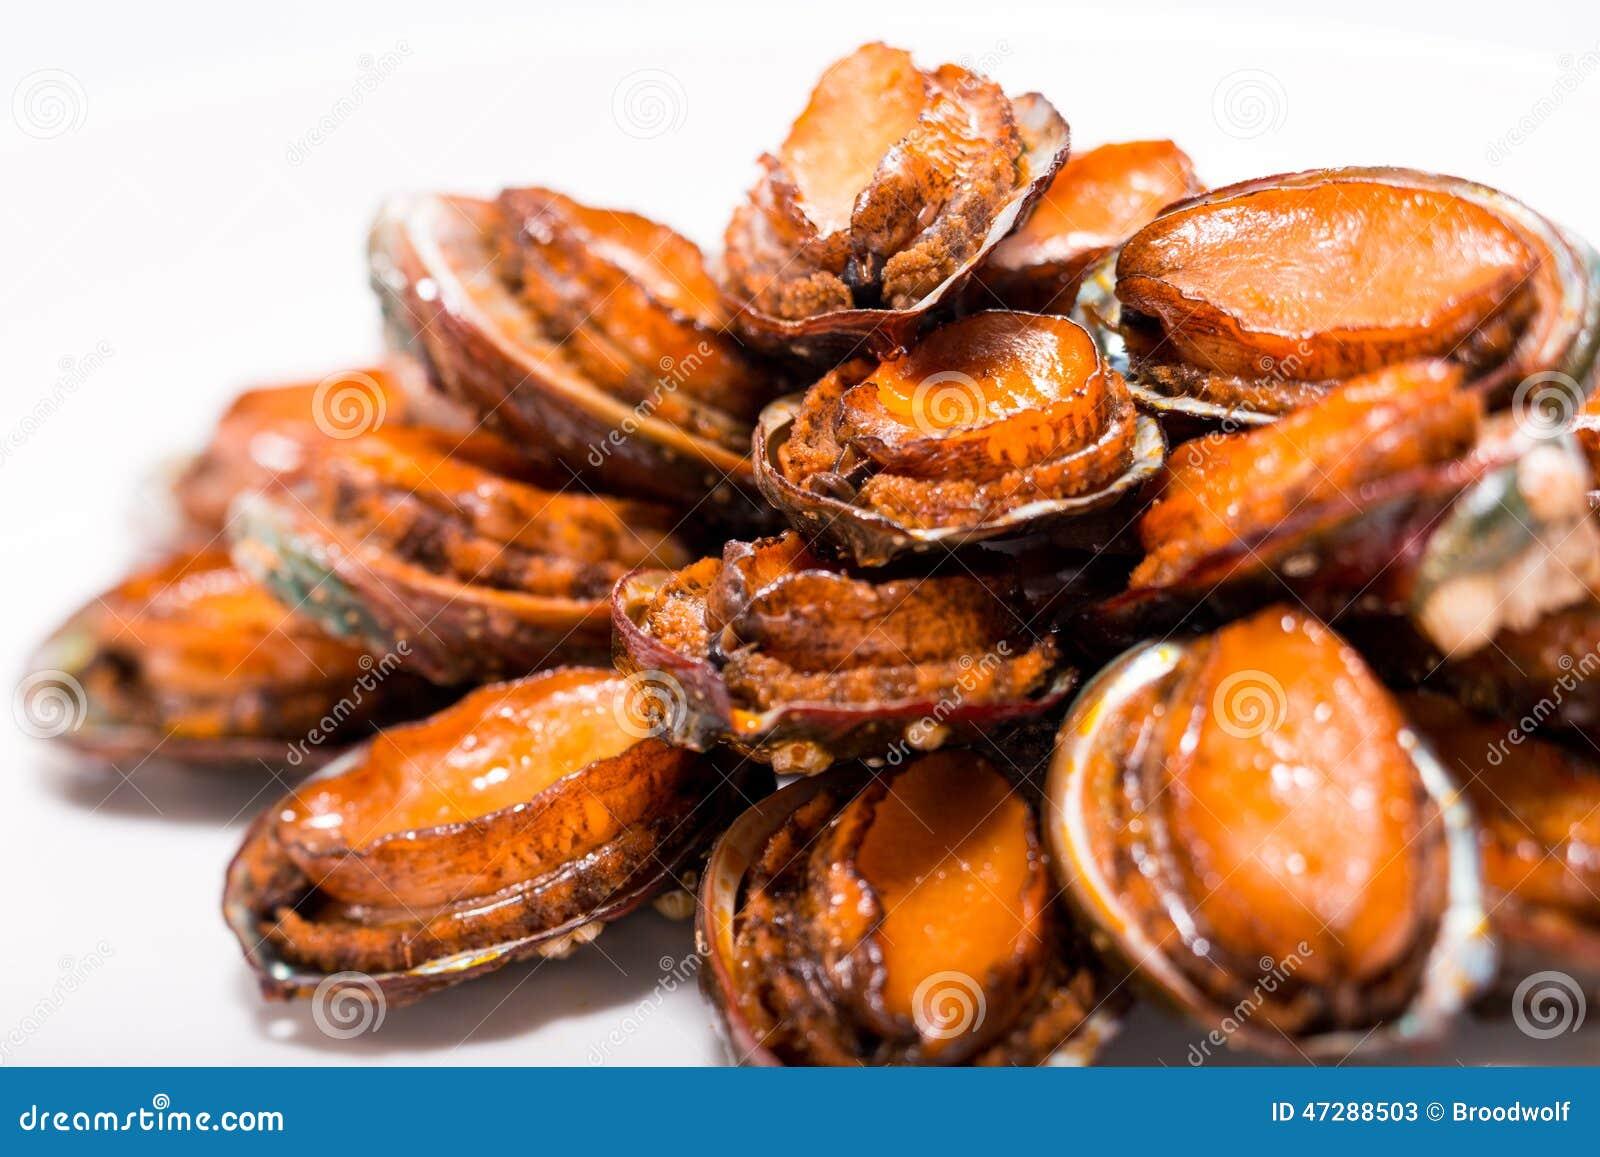 ραρανό πρακτορείο γνωριμιών ost